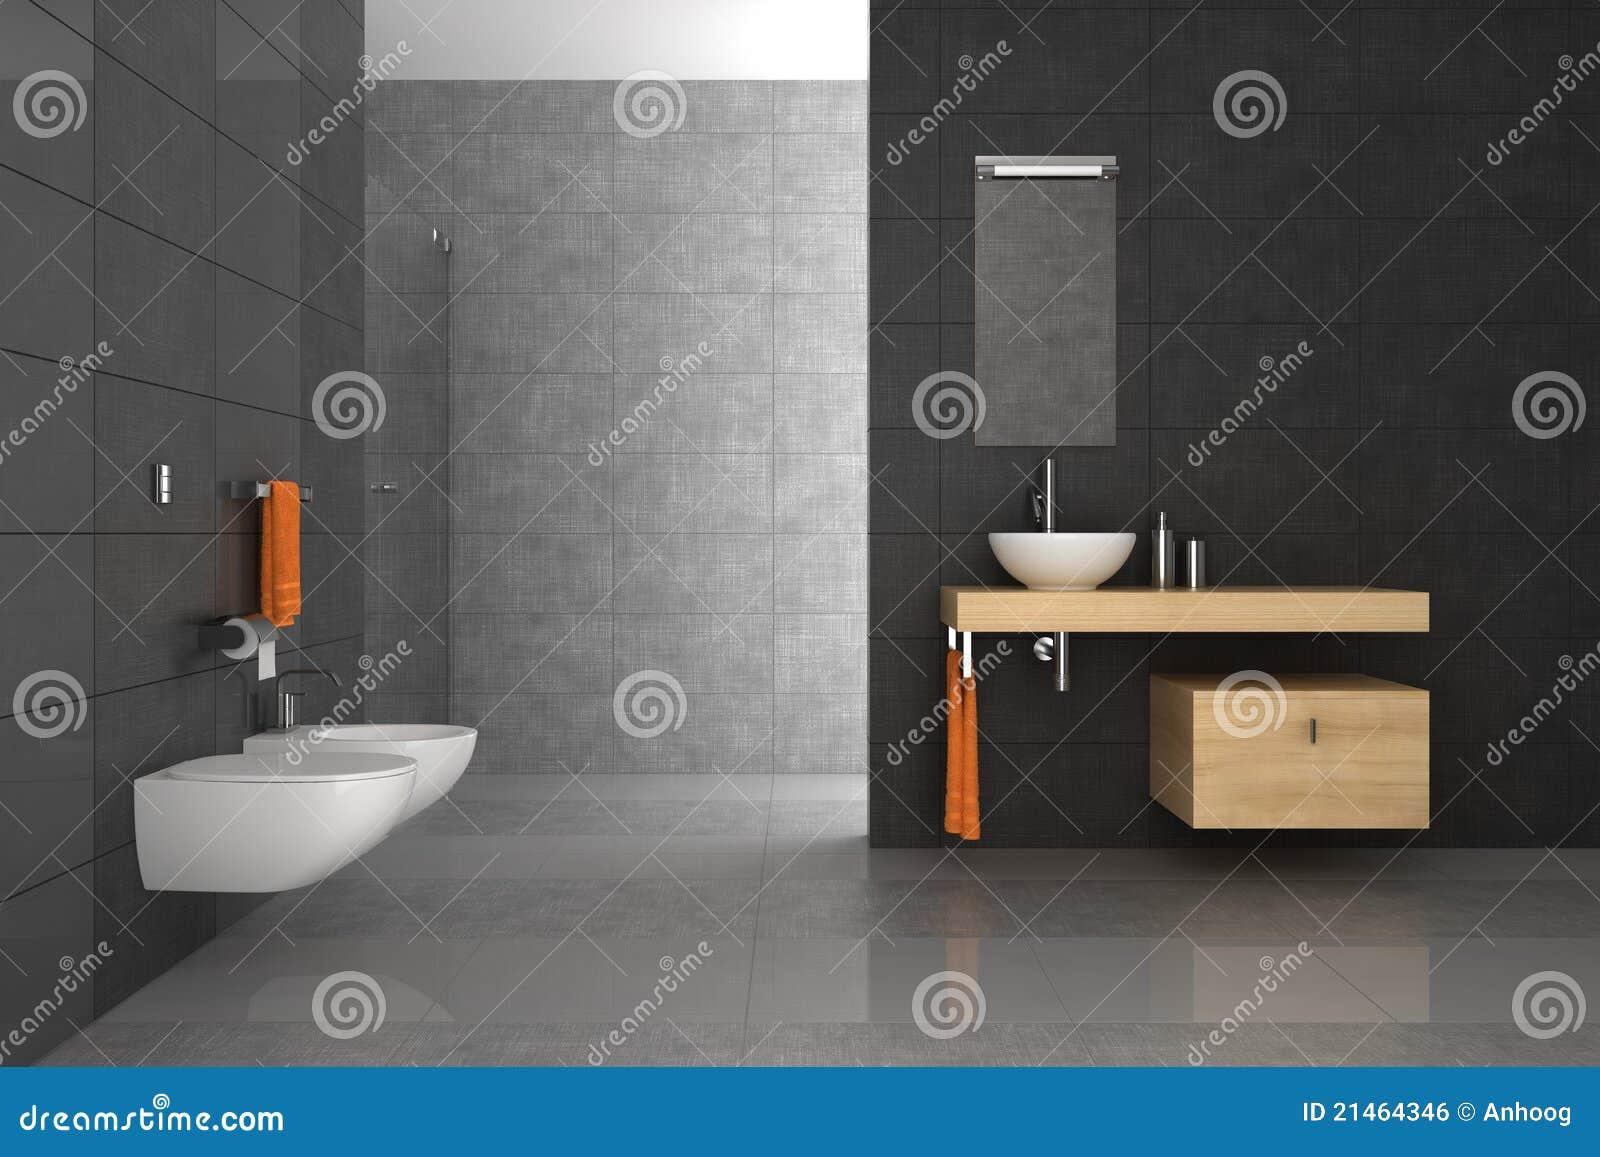 Betegelde badkamers met houten meubilair royalty vrije stock afbeelding afbeelding 21464346 - Badkamer betegeld ...